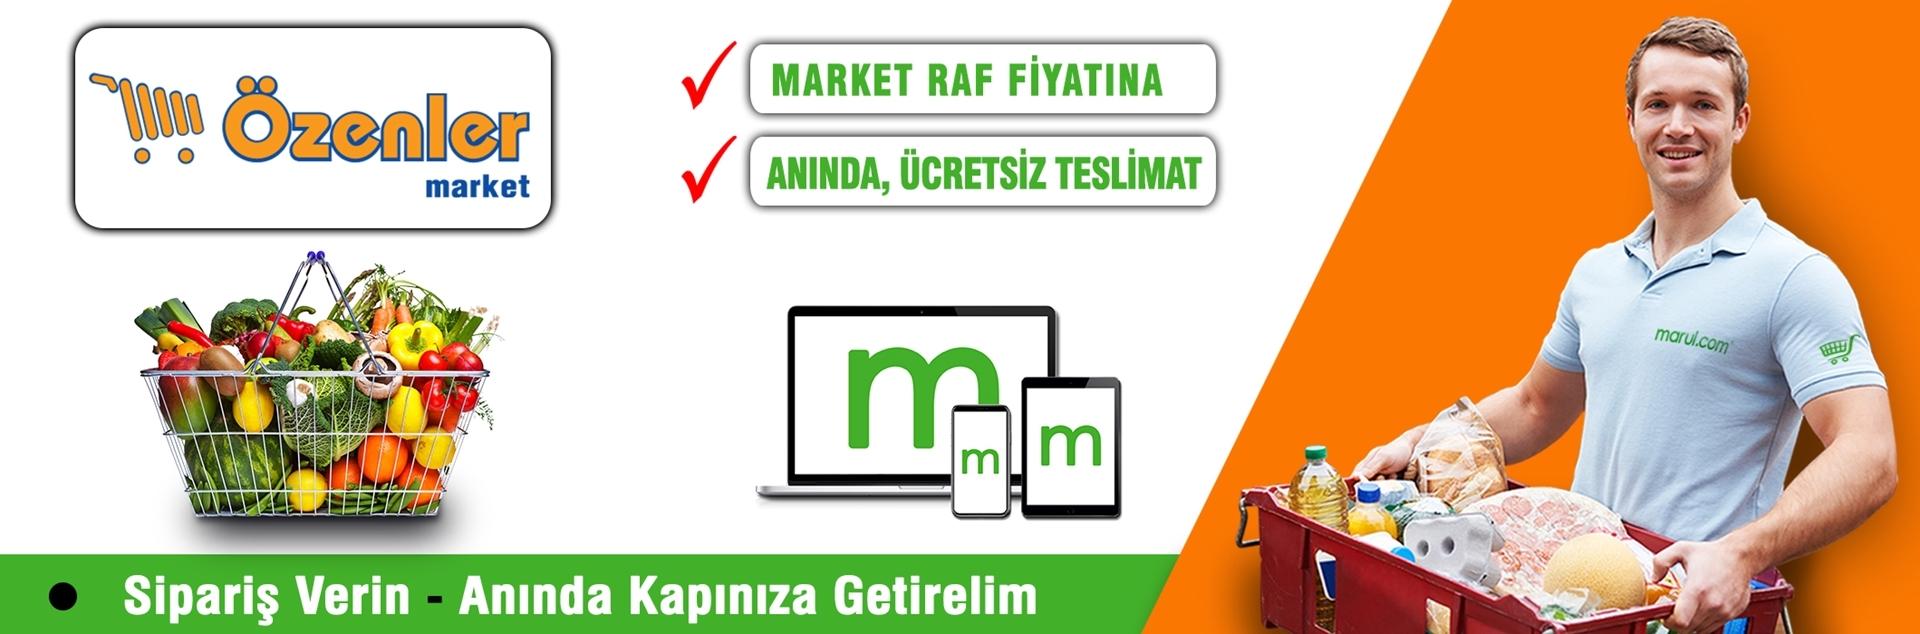 özenler market online market siparişi